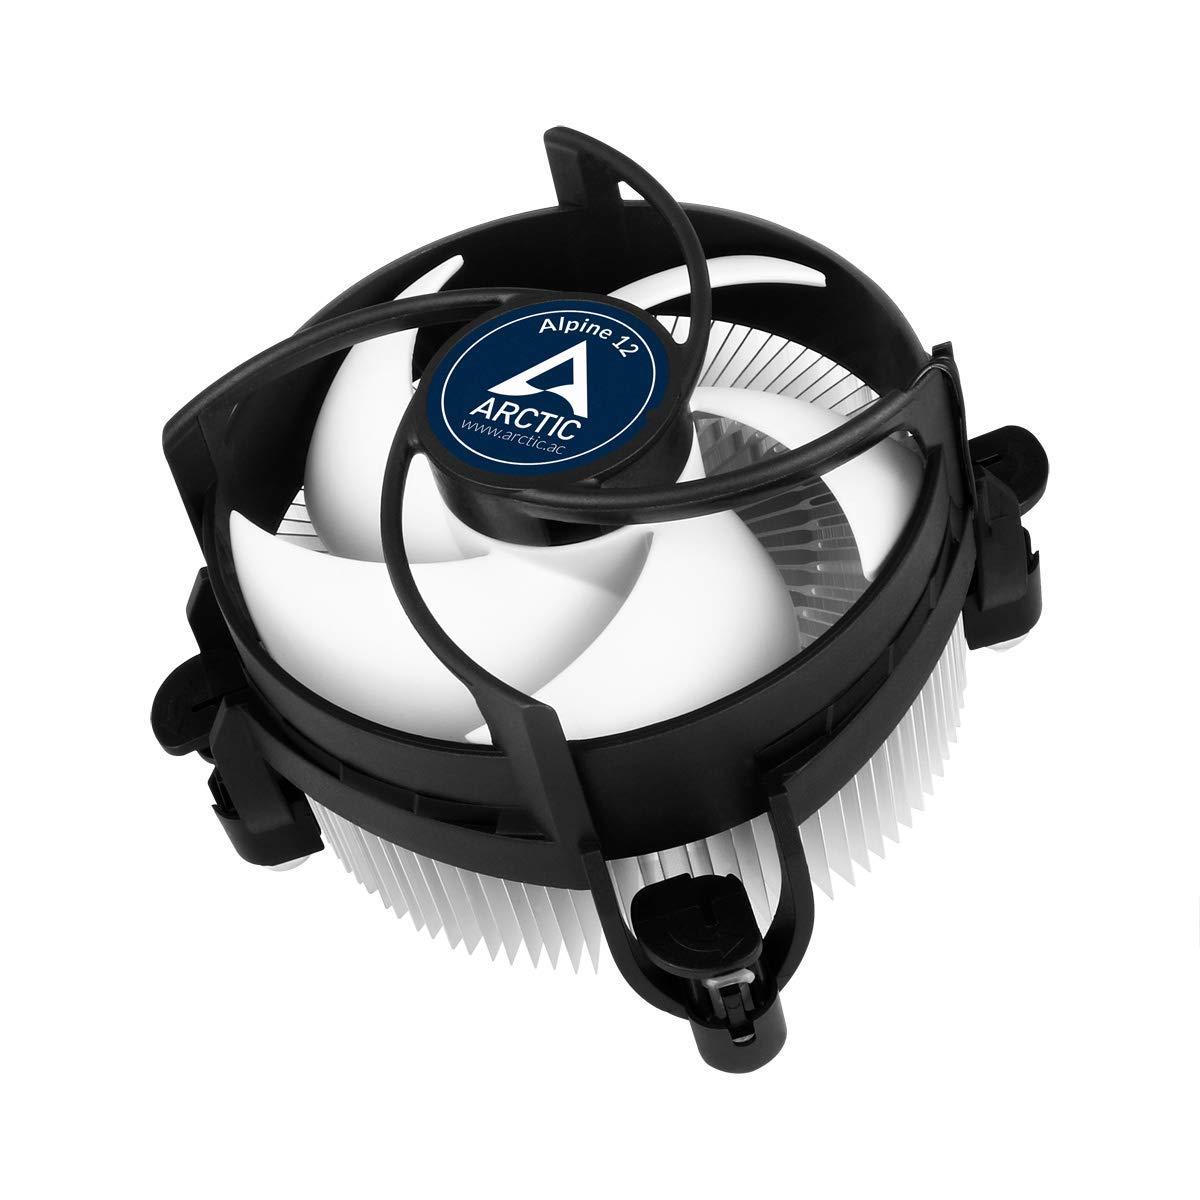 ARCTIC Alpine 12 - Refrigeración de CPU - Ventilador de CPU - 92mm - Tecnología intercambio PWM - Aluminio - 150-2000 RPM: Amazon.es: Informática